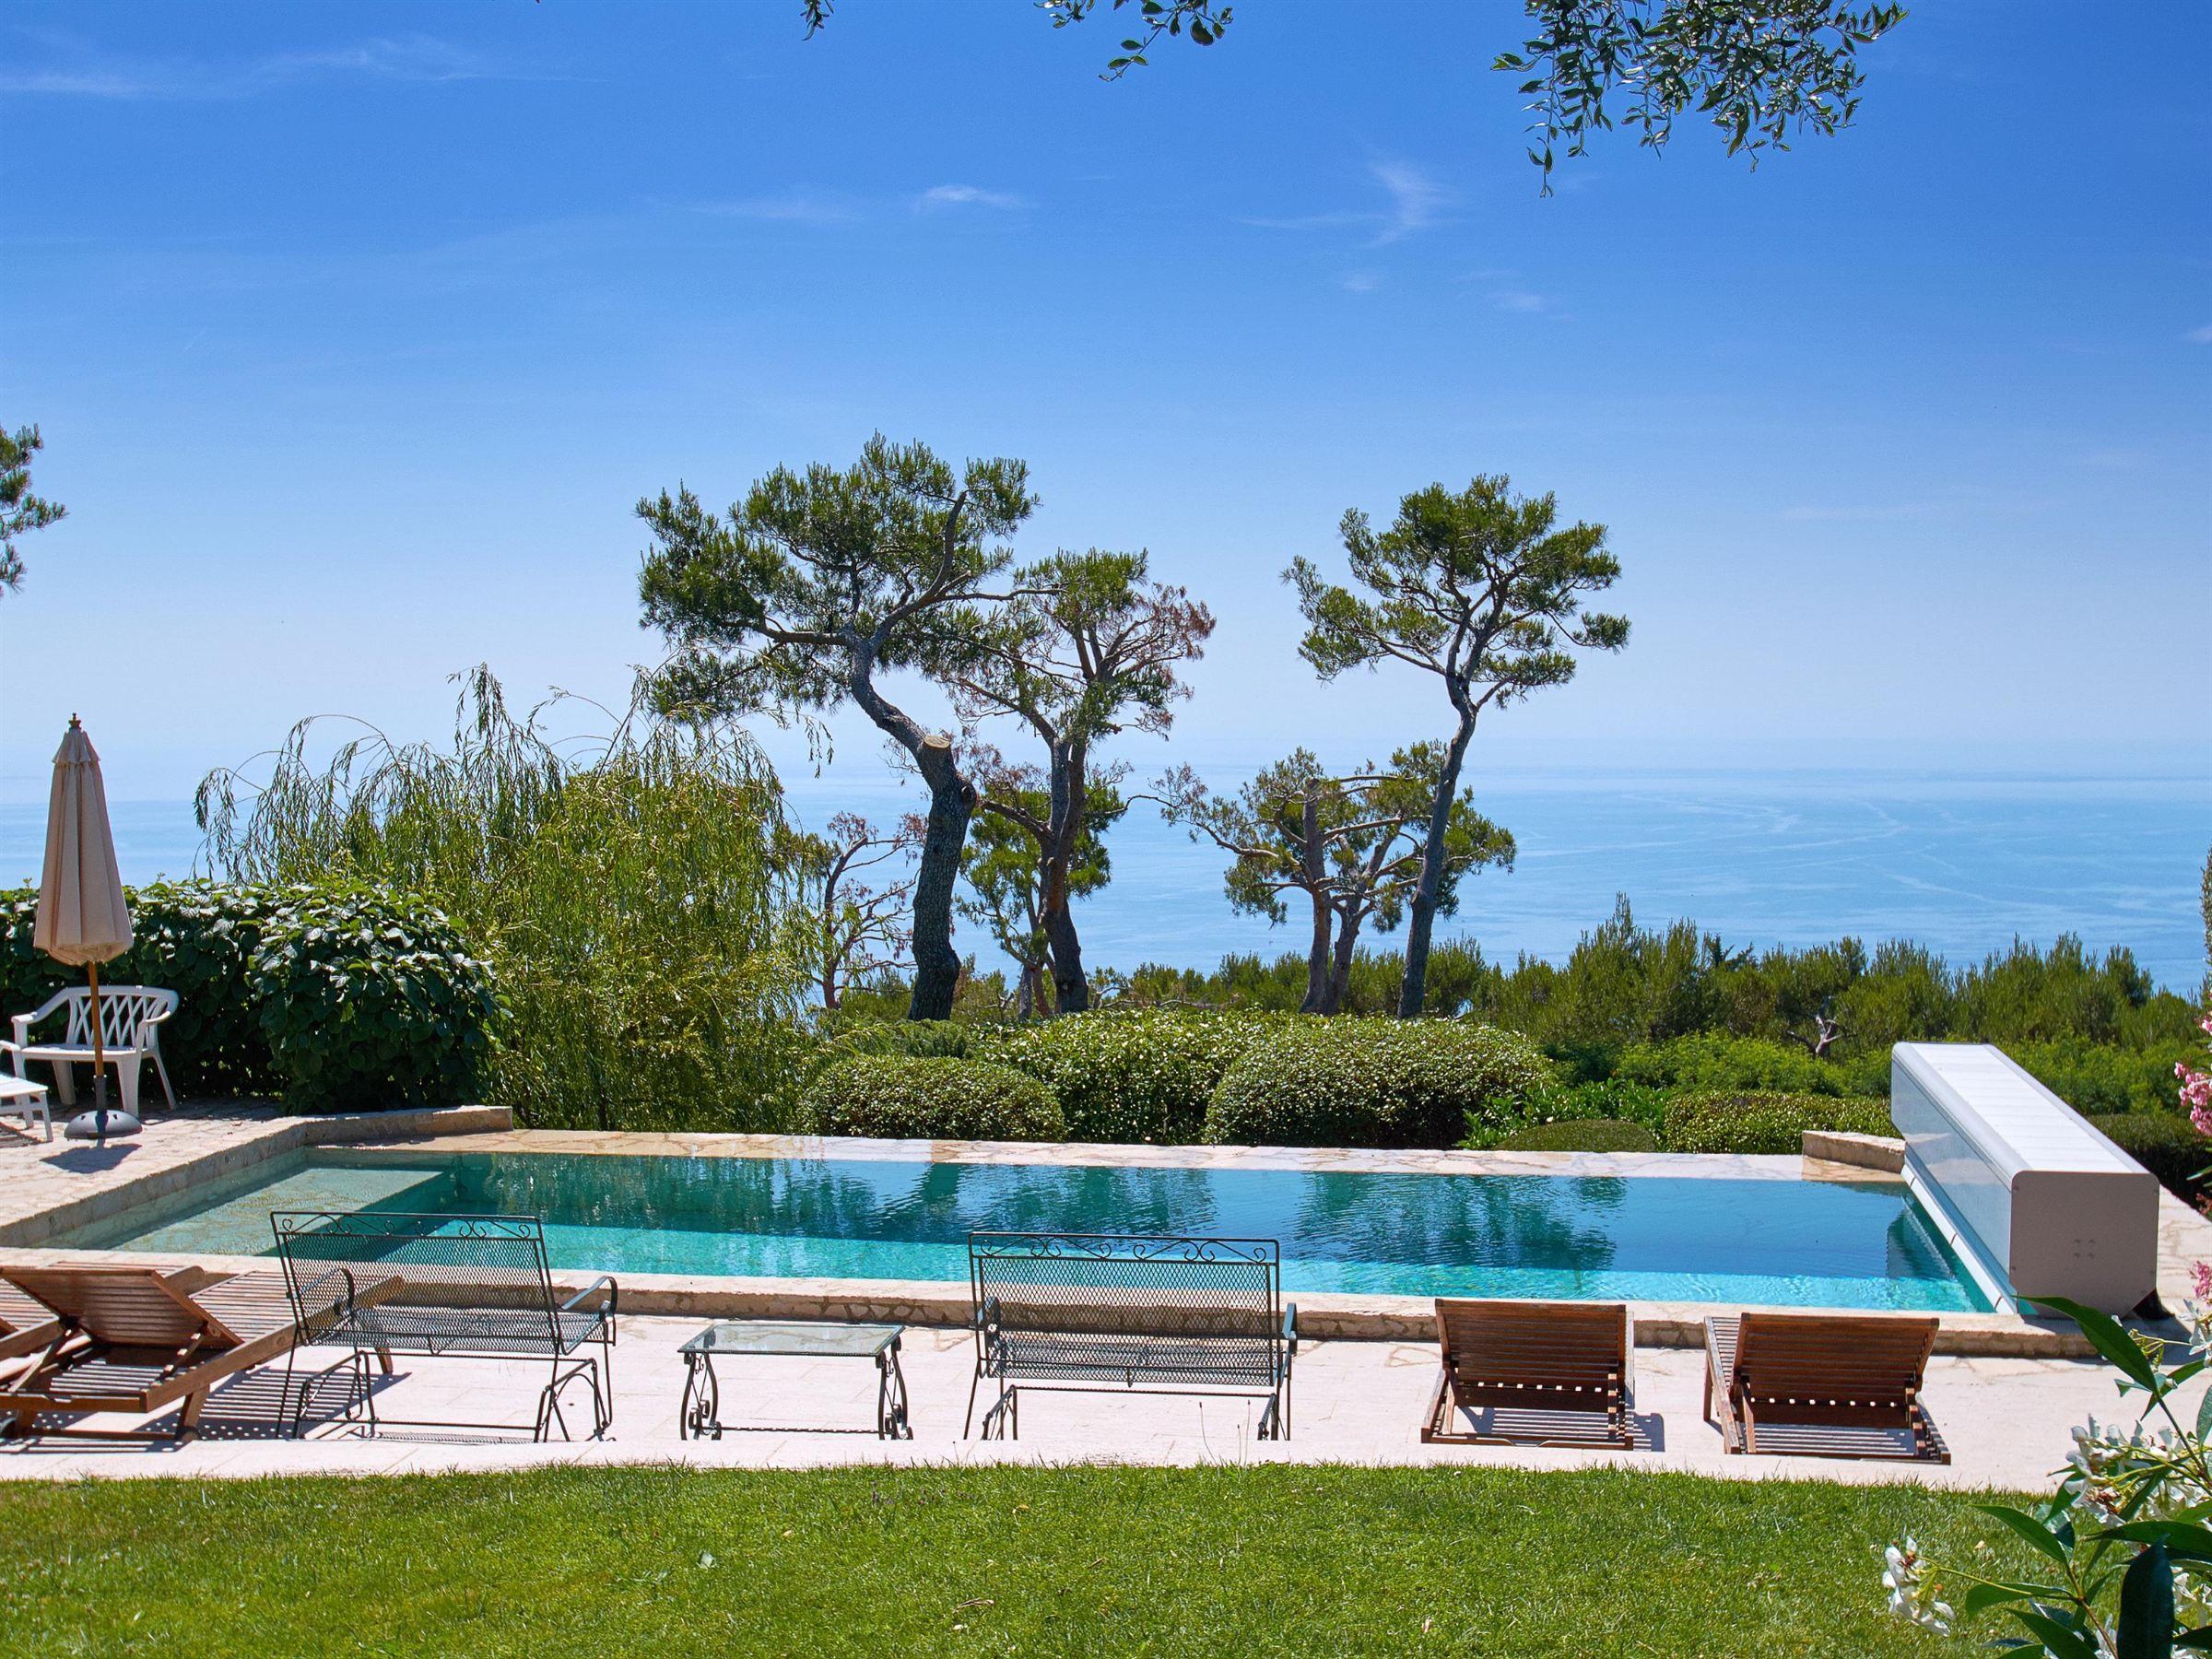 一戸建て のために 売買 アット Beautiful villa in a private estate with panoramic views to the sea Eze, プロバンス=アルプ=コート・ダジュール, 06360 フランス